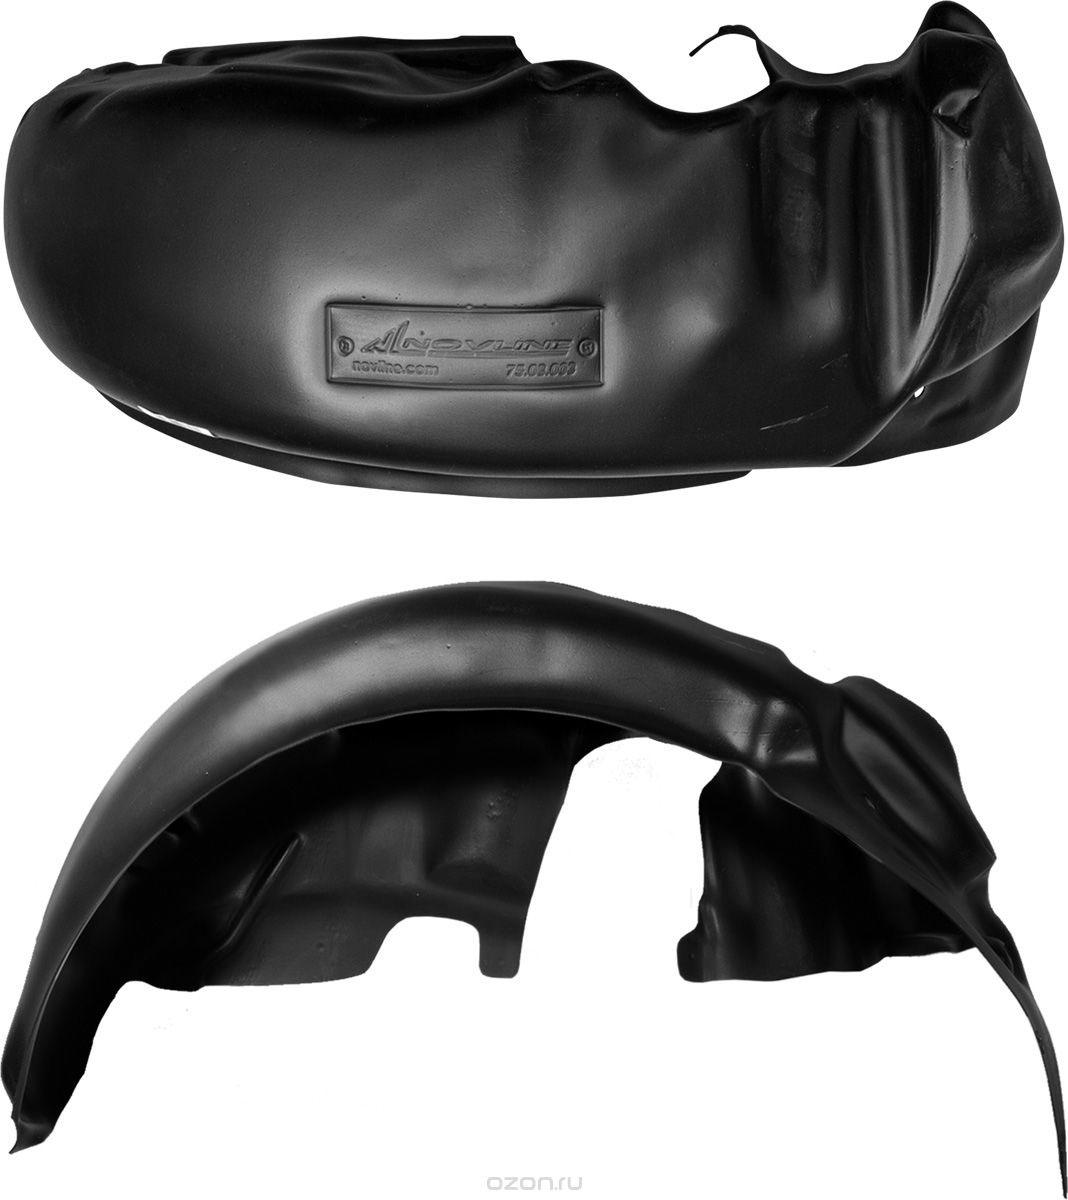 Подкрылок Novline-Autofamily, для Toyota Camry, 07/2006-2011, передний правыйNLL.48.14.002Идеальная защита колесной ниши. Локеры разработаны с применением цифровых технологий, гарантируют максимальную повторяемость поверхности арки. Изделия устанавливаются без нарушения лакокрасочного покрытия автомобиля, каждый подкрылок комплектуется крепежом. Уважаемые клиенты, обращаем ваше внимание, что фотографии на подкрылки универсальные и не отражают реальную форму изделия. При этом само изделие идет точно под размер указанного автомобиля.